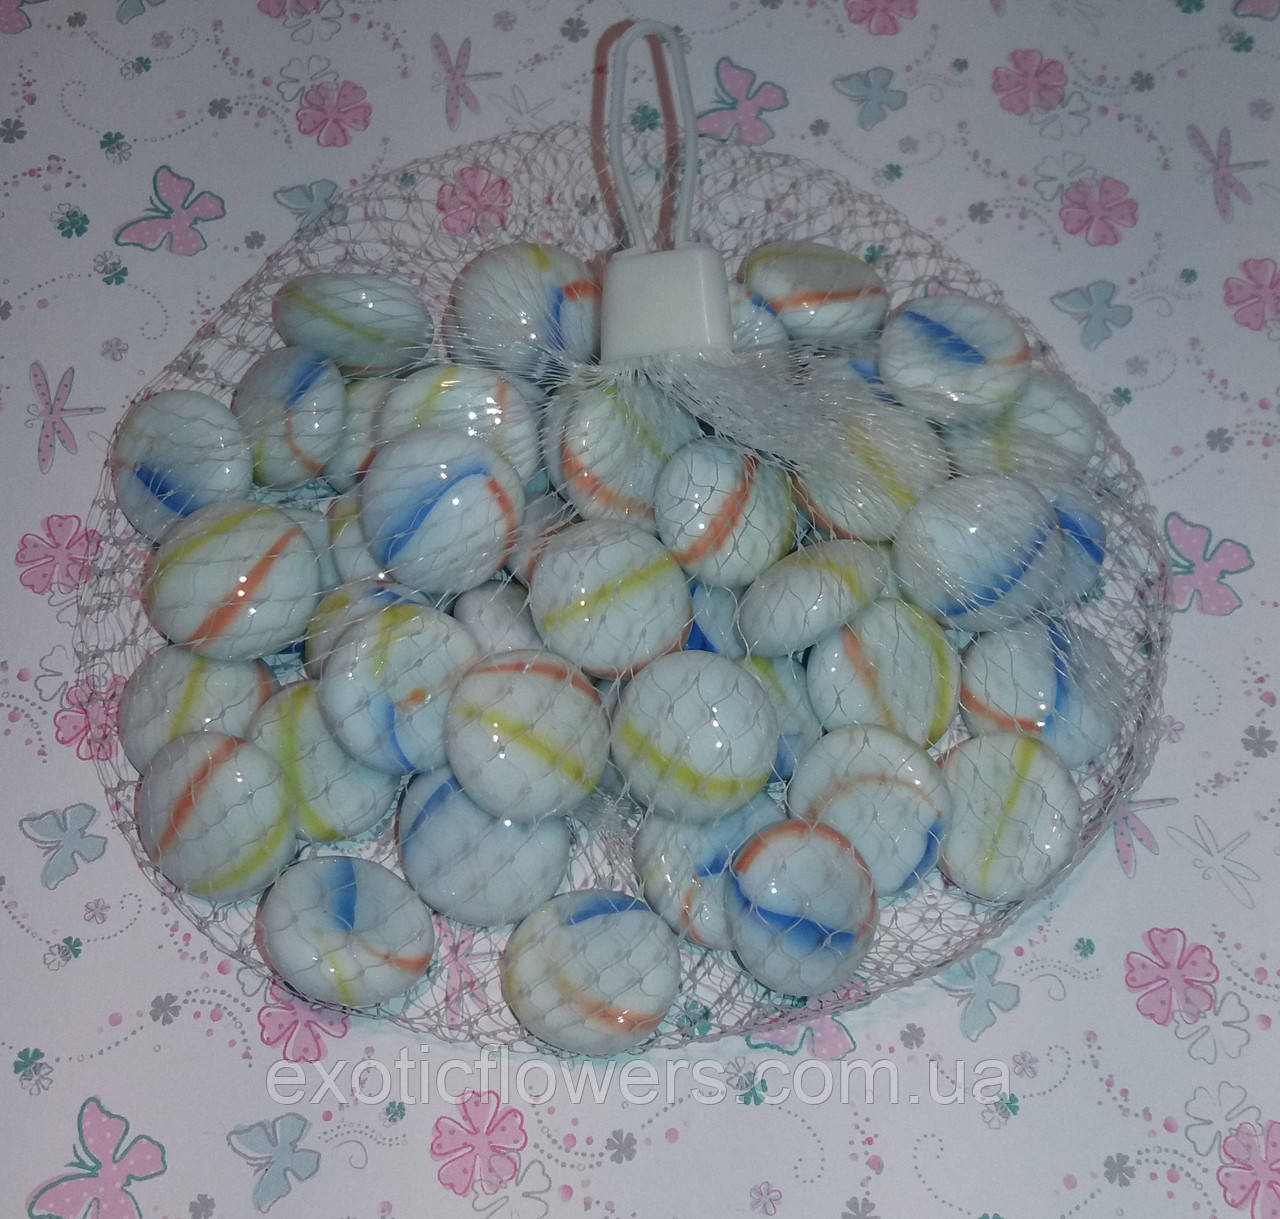 Декоративный стеклянный камень, Луиза - Интернет-магазин ExoticFlowers в Днепре